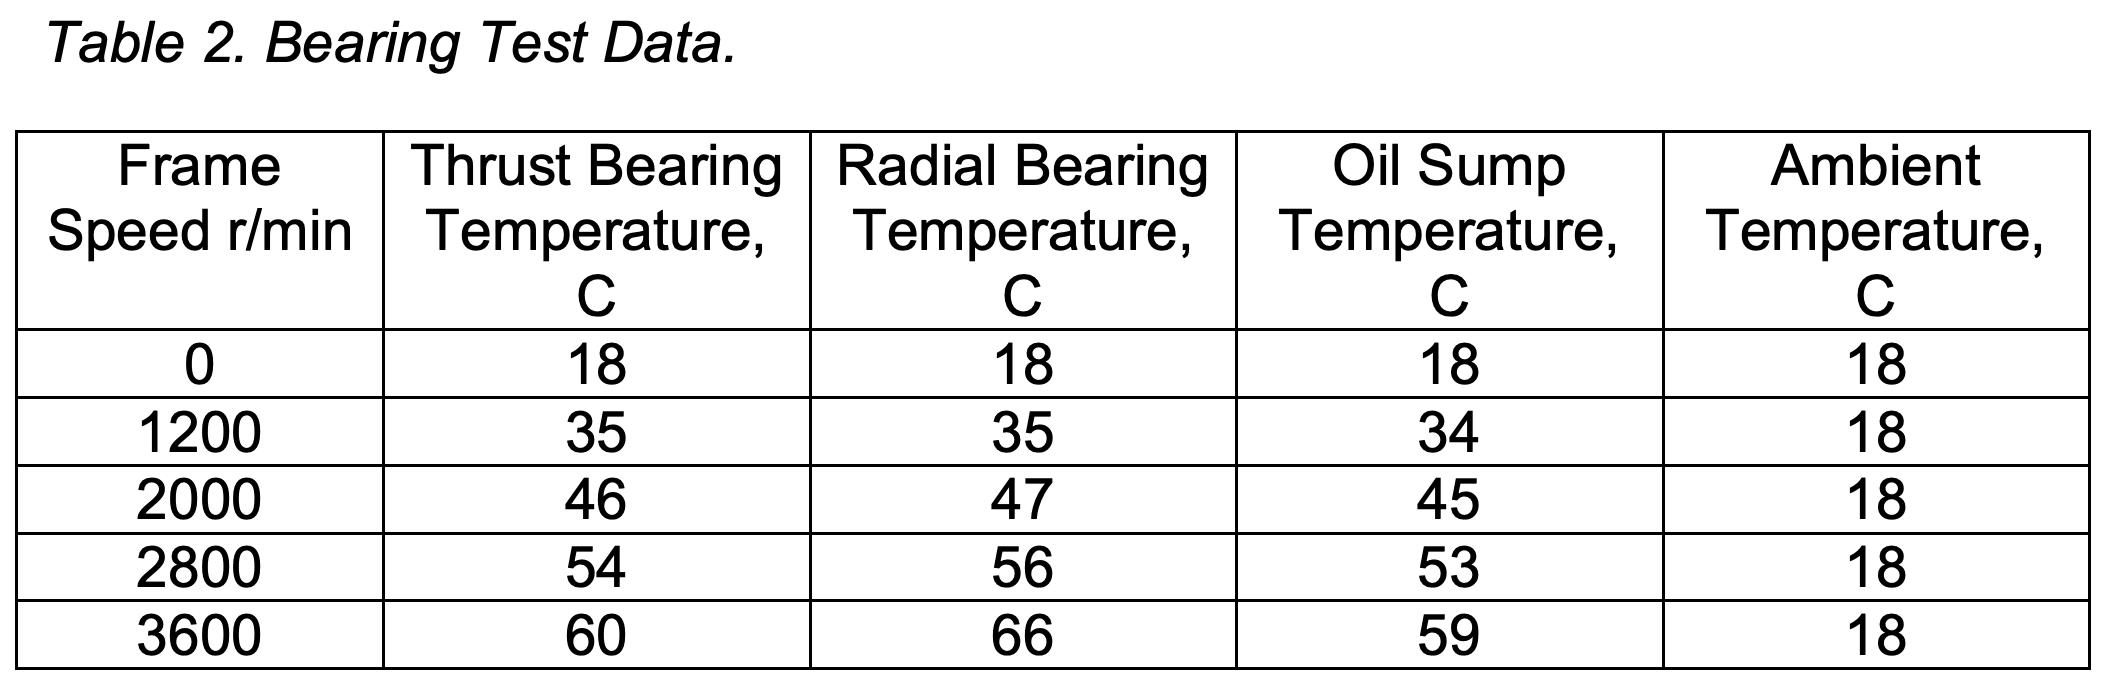 Increased Bearing Temperature